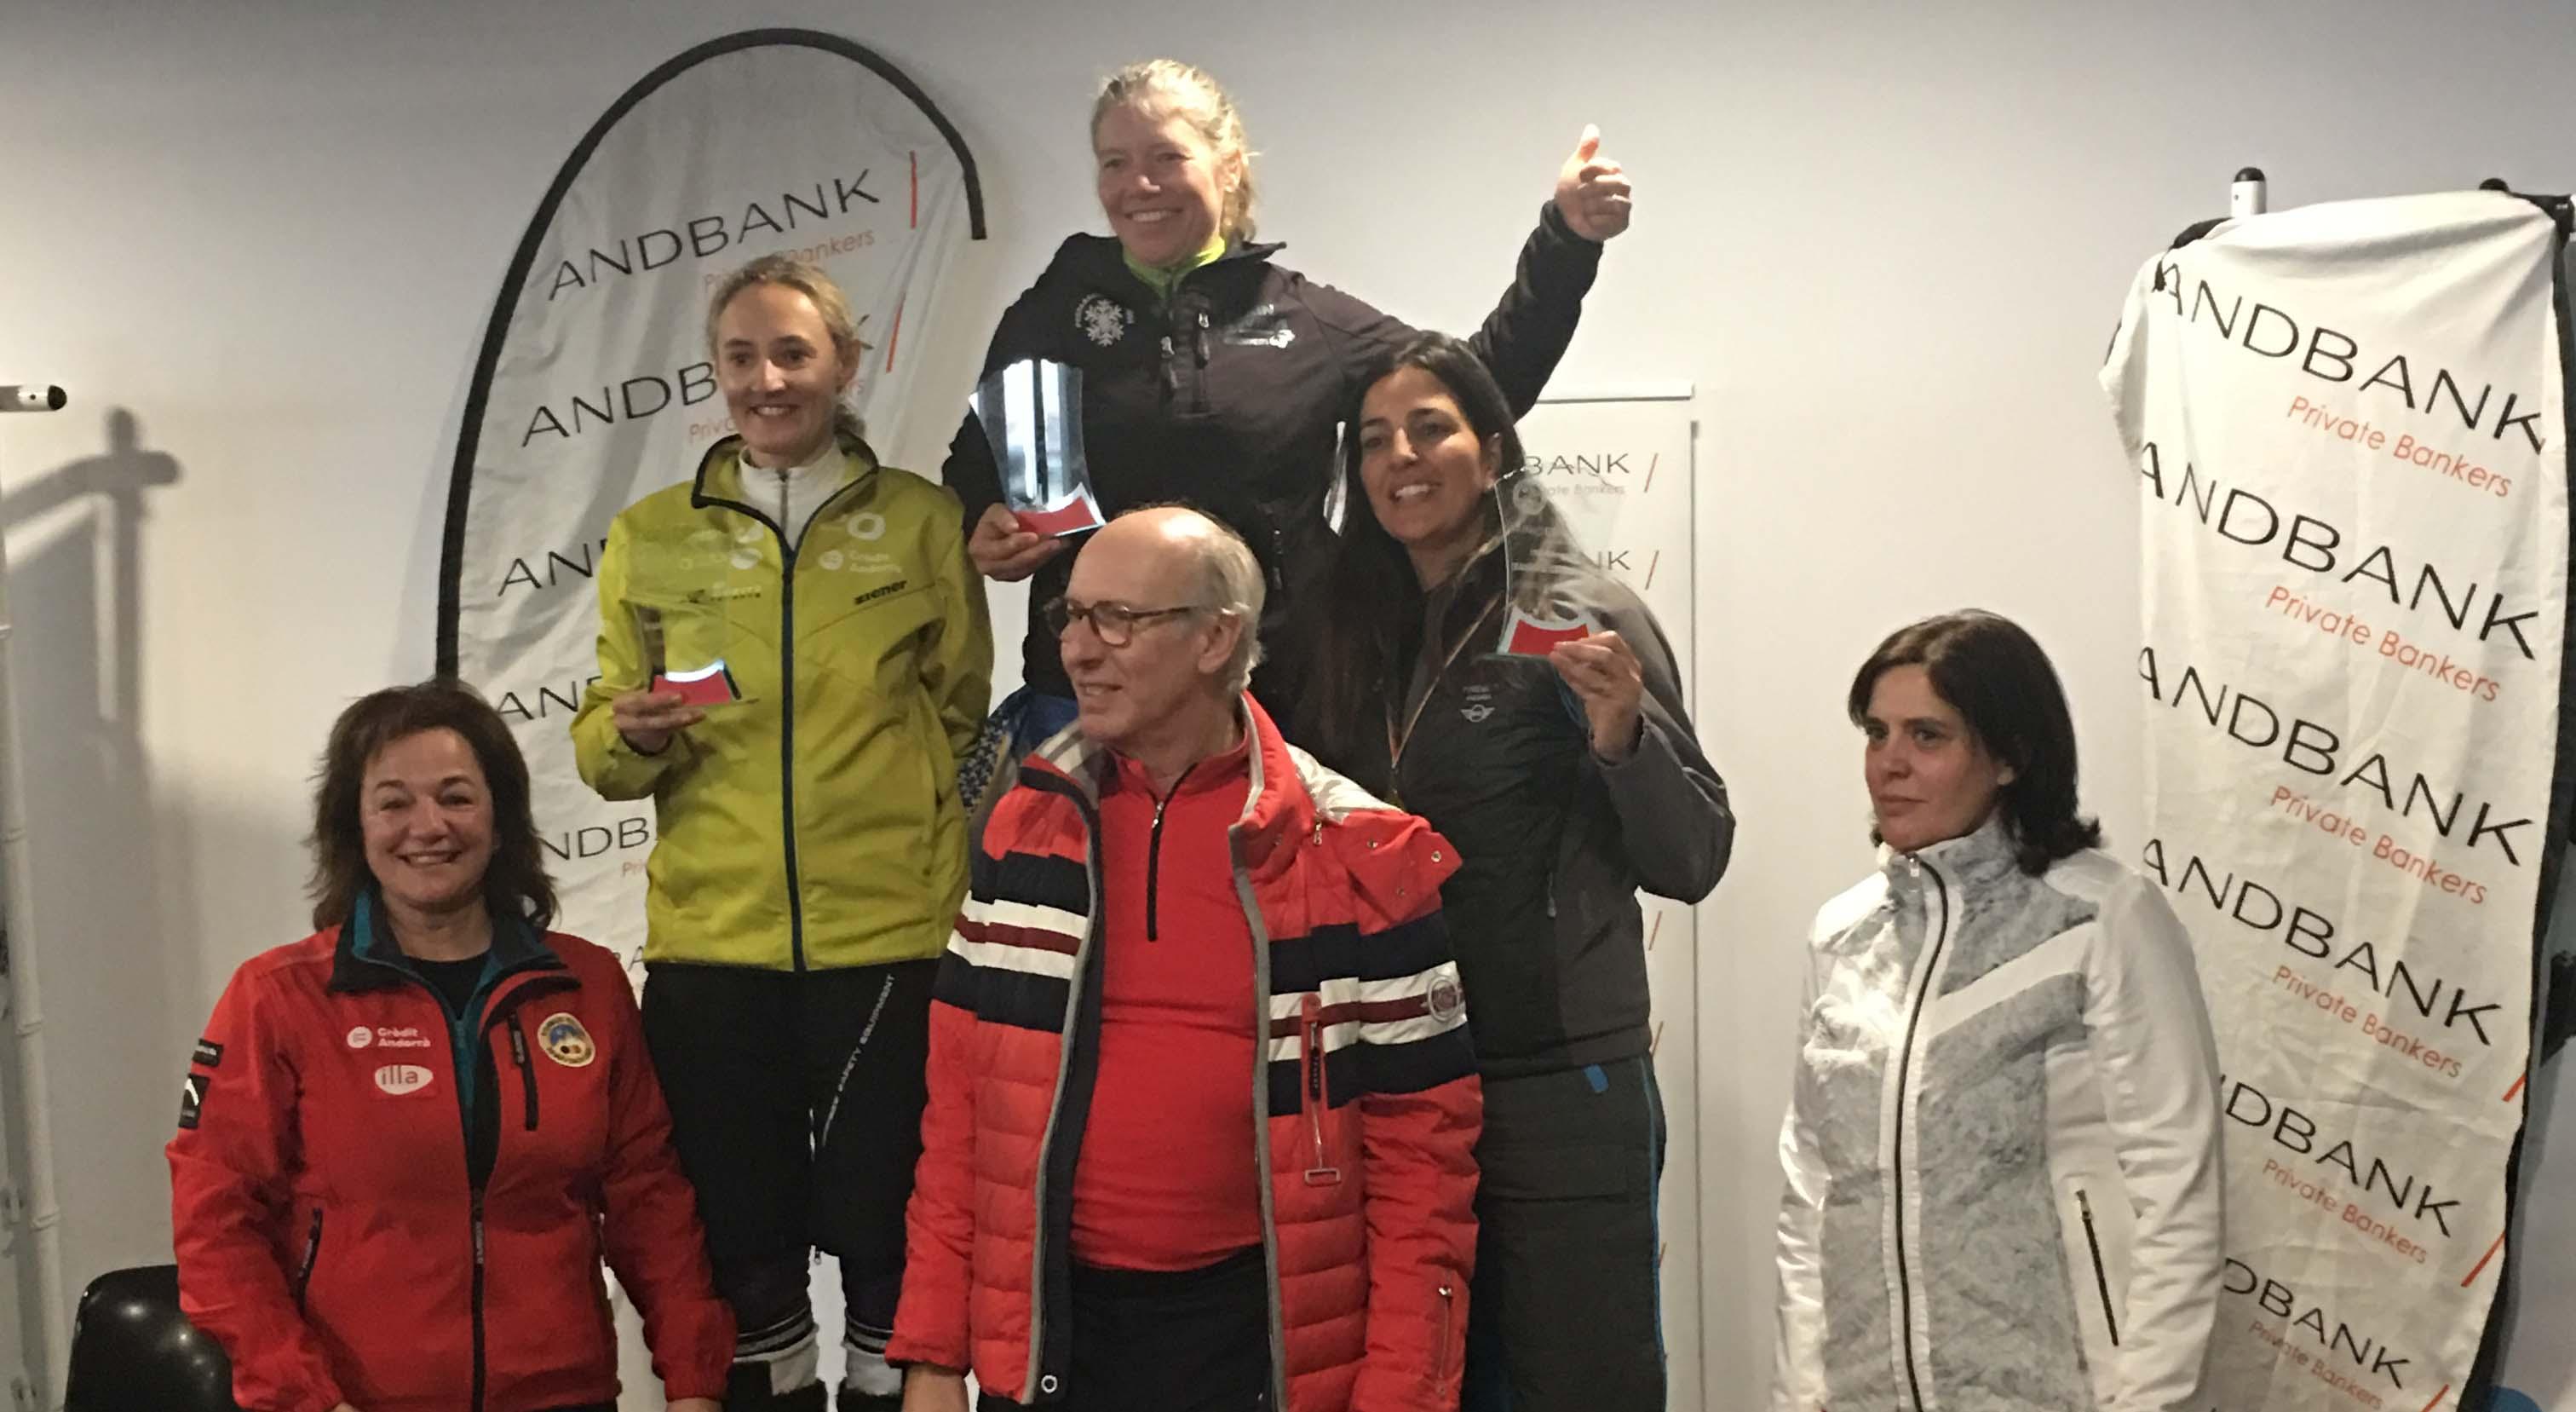 andbank, trofeu esqui, manuel cerqueda, veterans